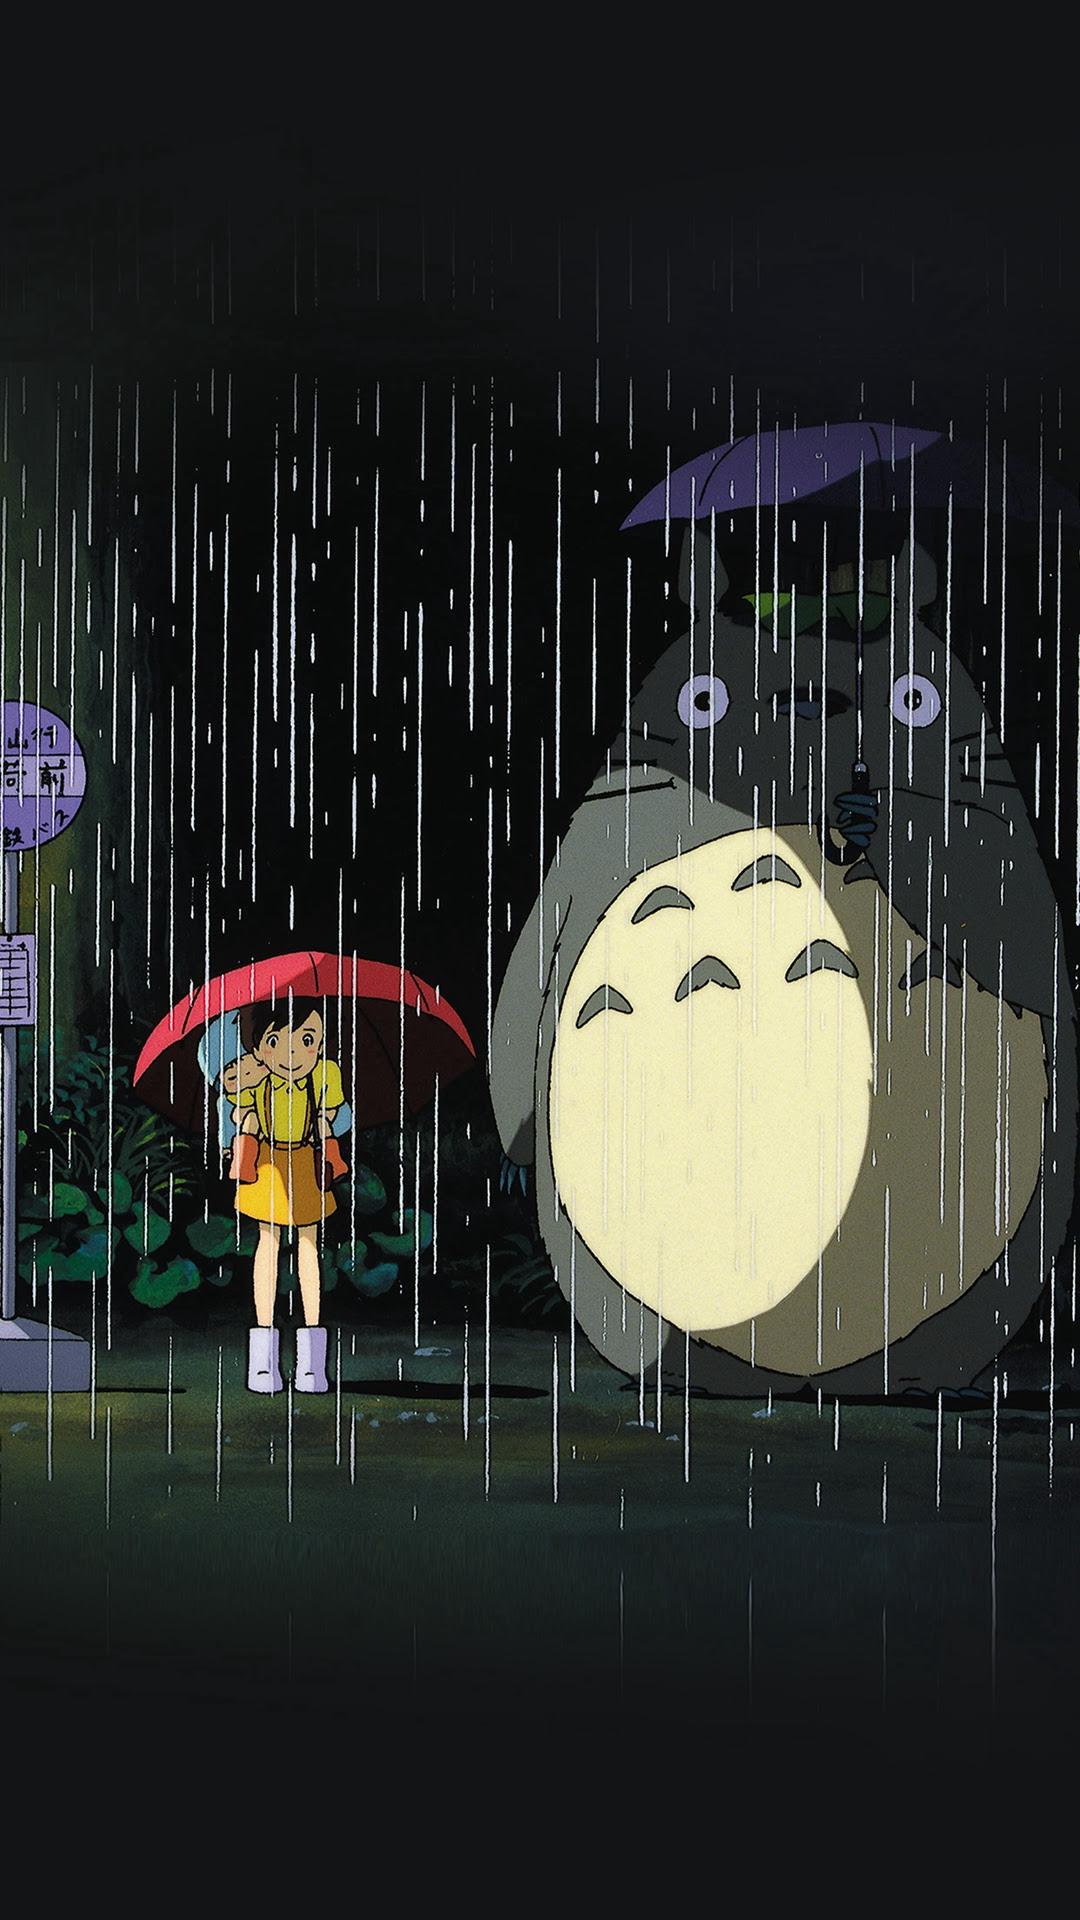 Free HD Anime iPhone Wallpaper | PixelsTalk.Net